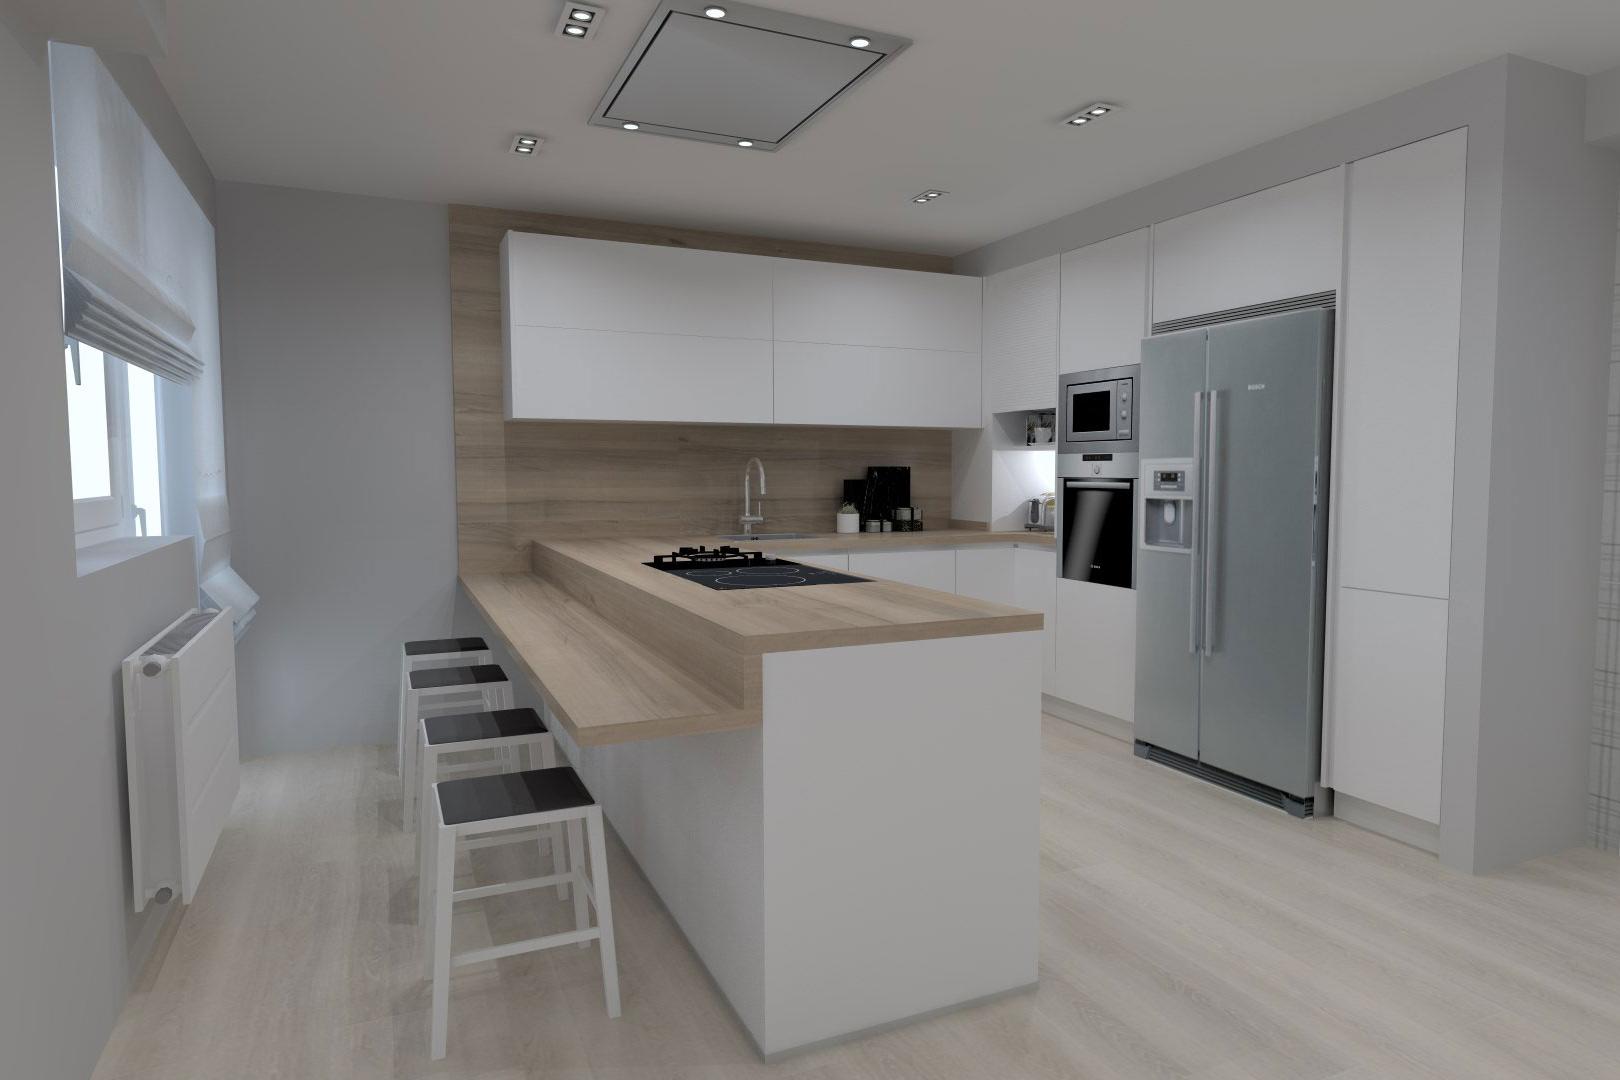 5 ideas para distribuir la cocina cocinas santos santiago interiores - Cocinas con peninsula ...